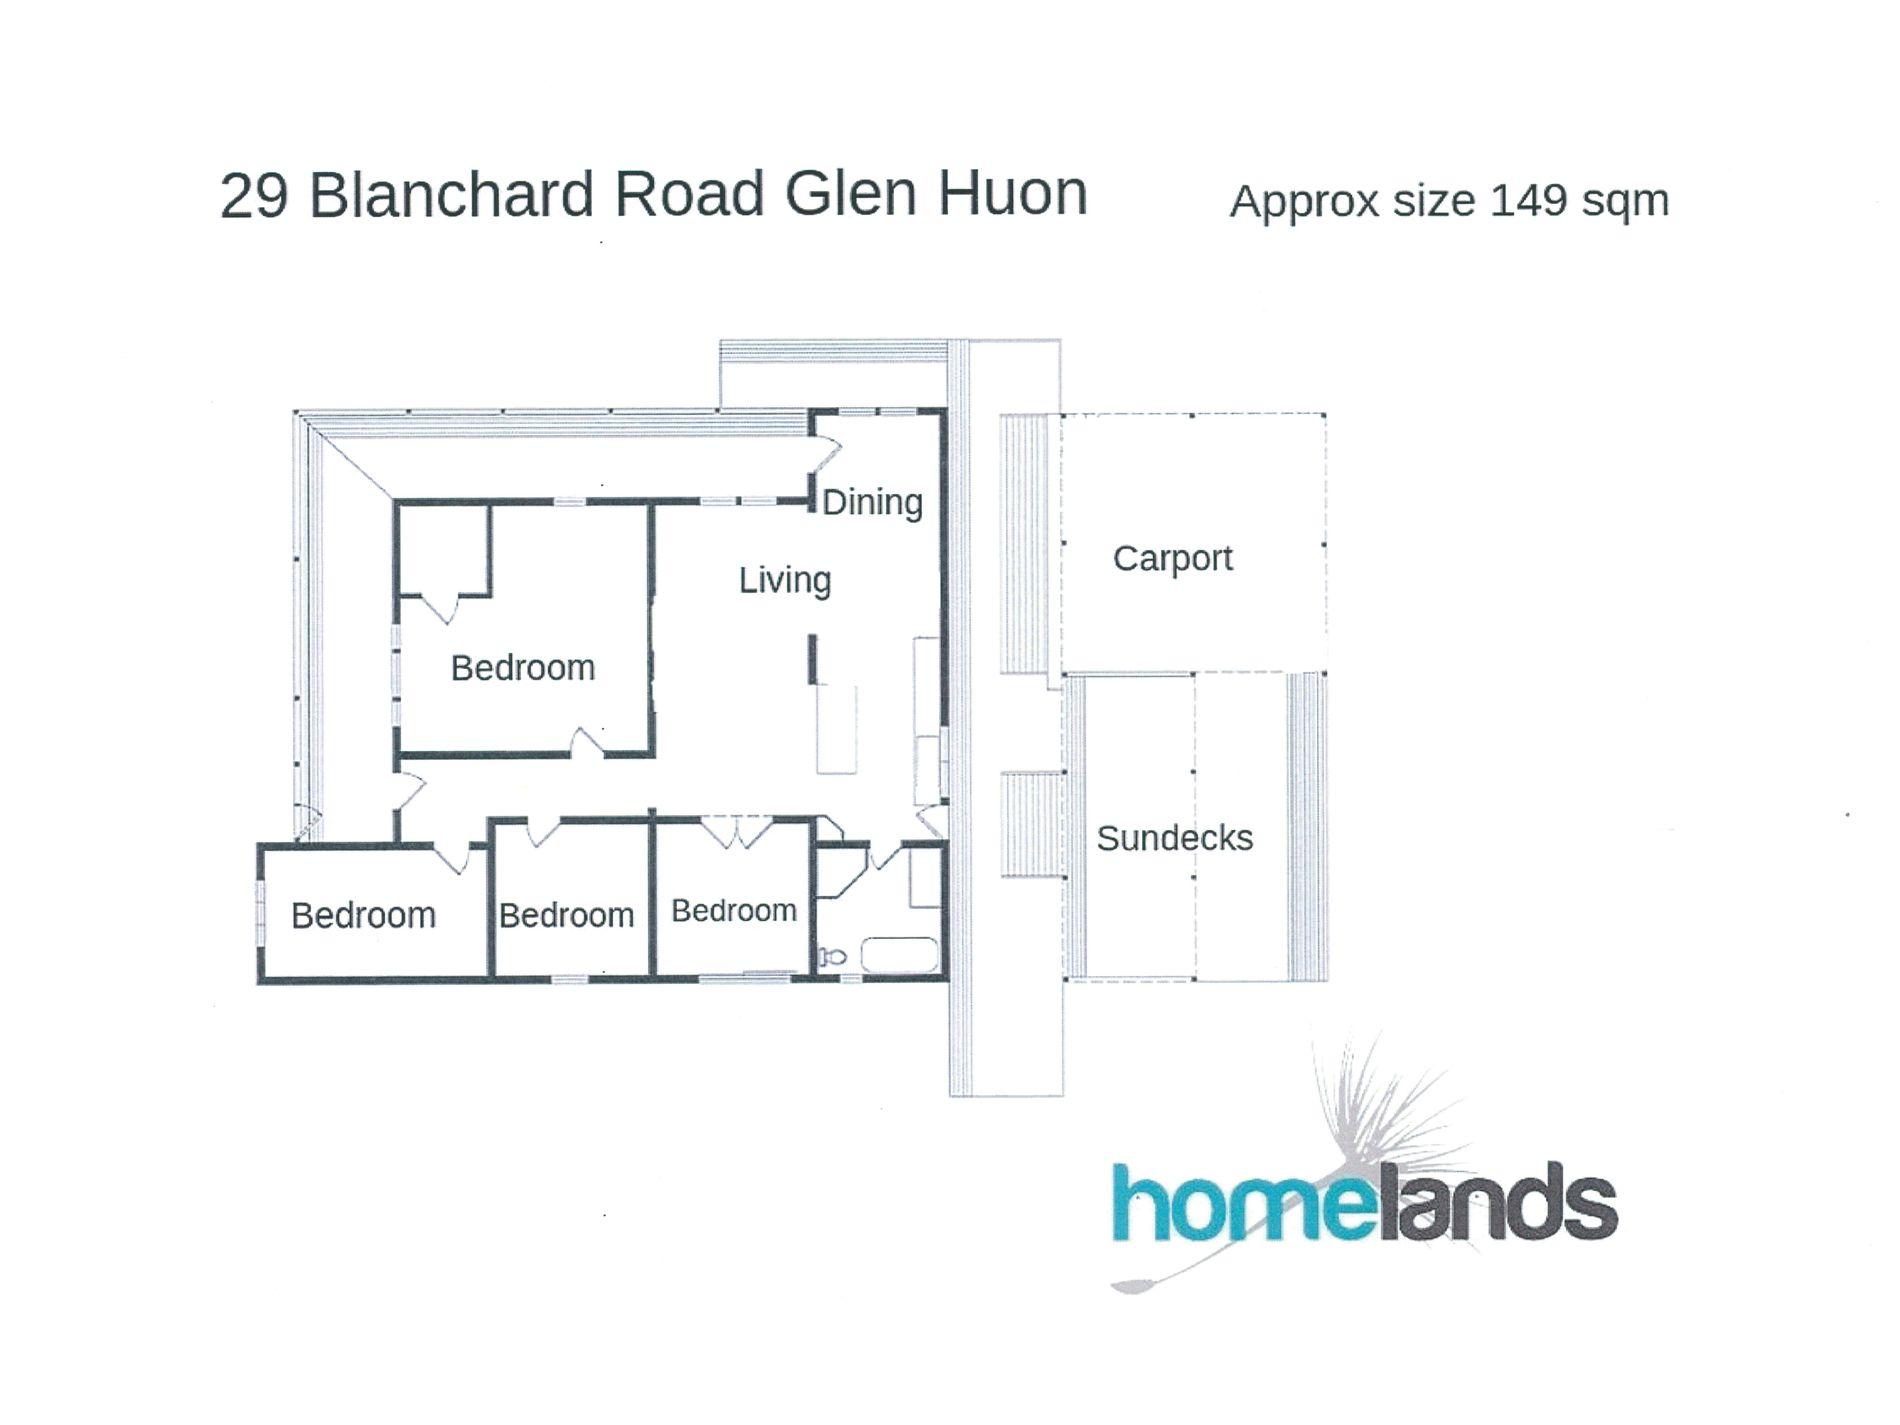 29 Blanchard Road, Glen Huon